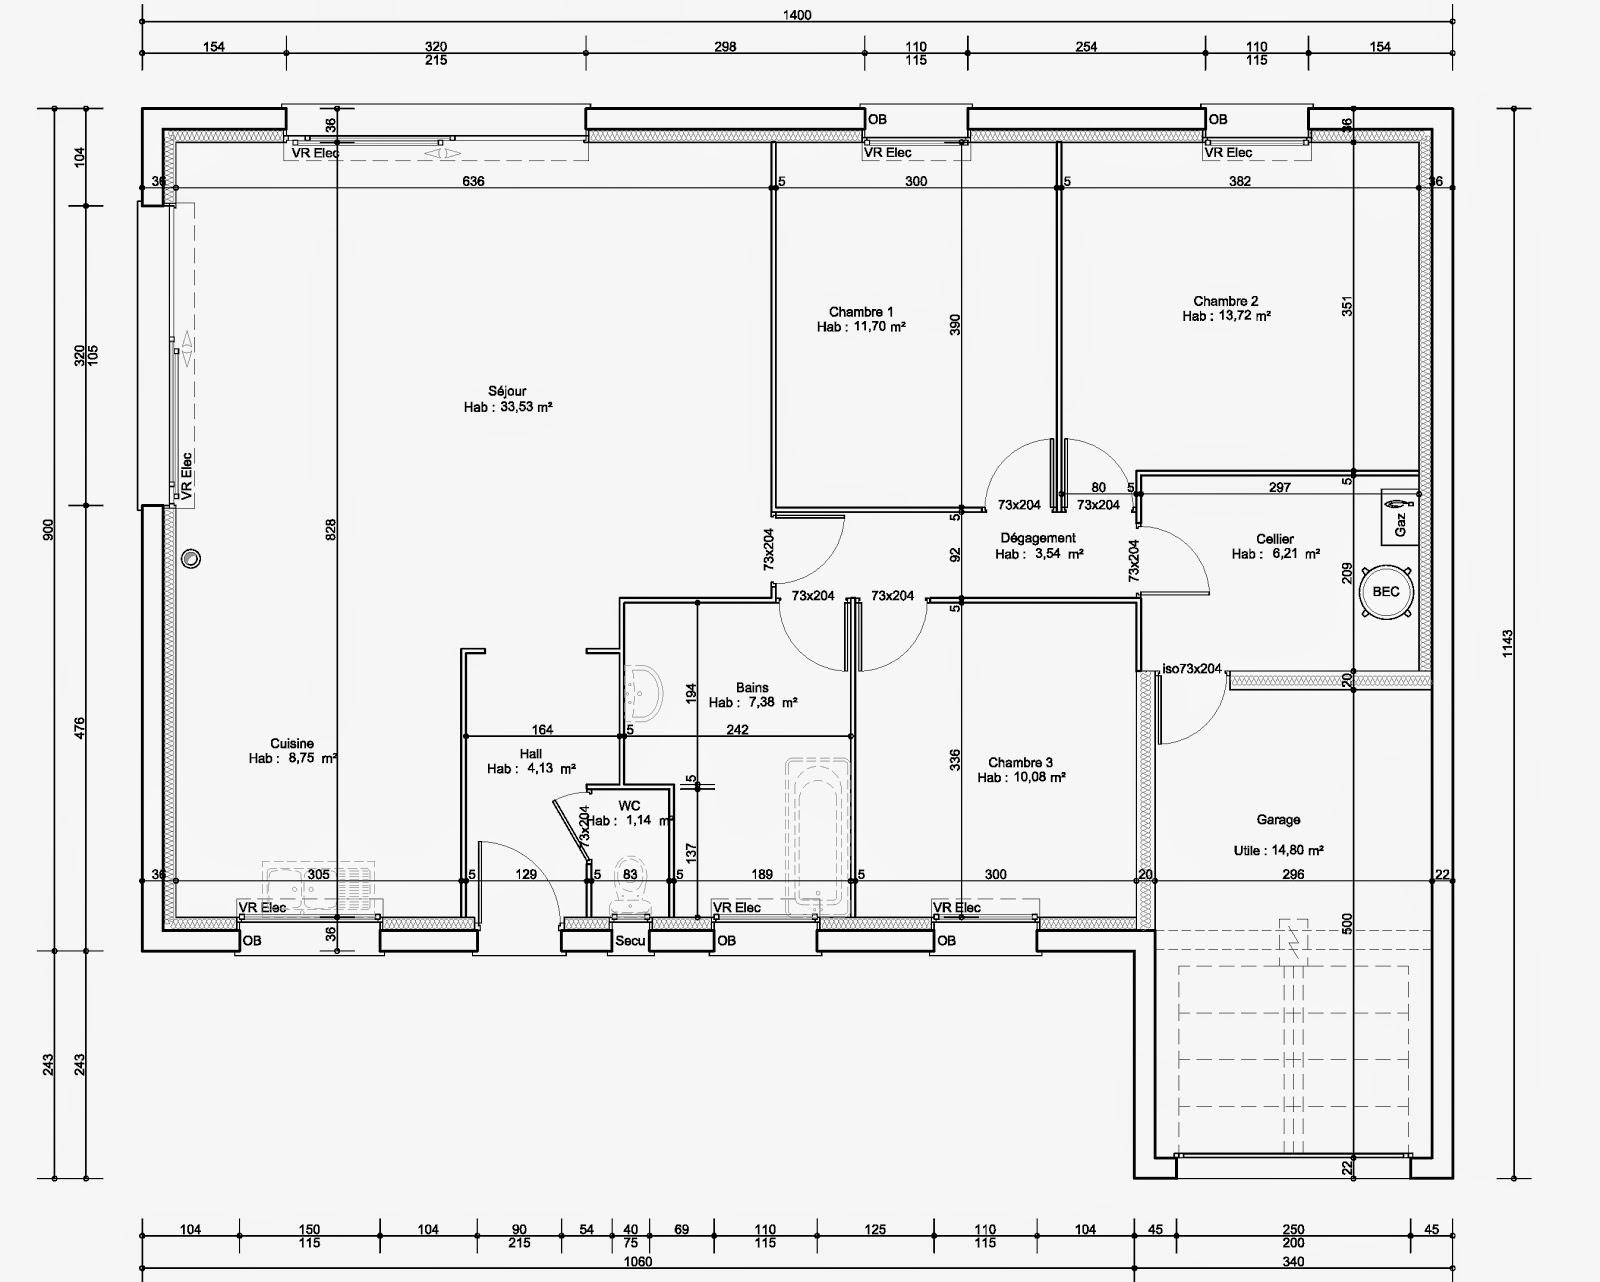 Maison familiale lille carnin plain pied 100 m for Plan maison familiale